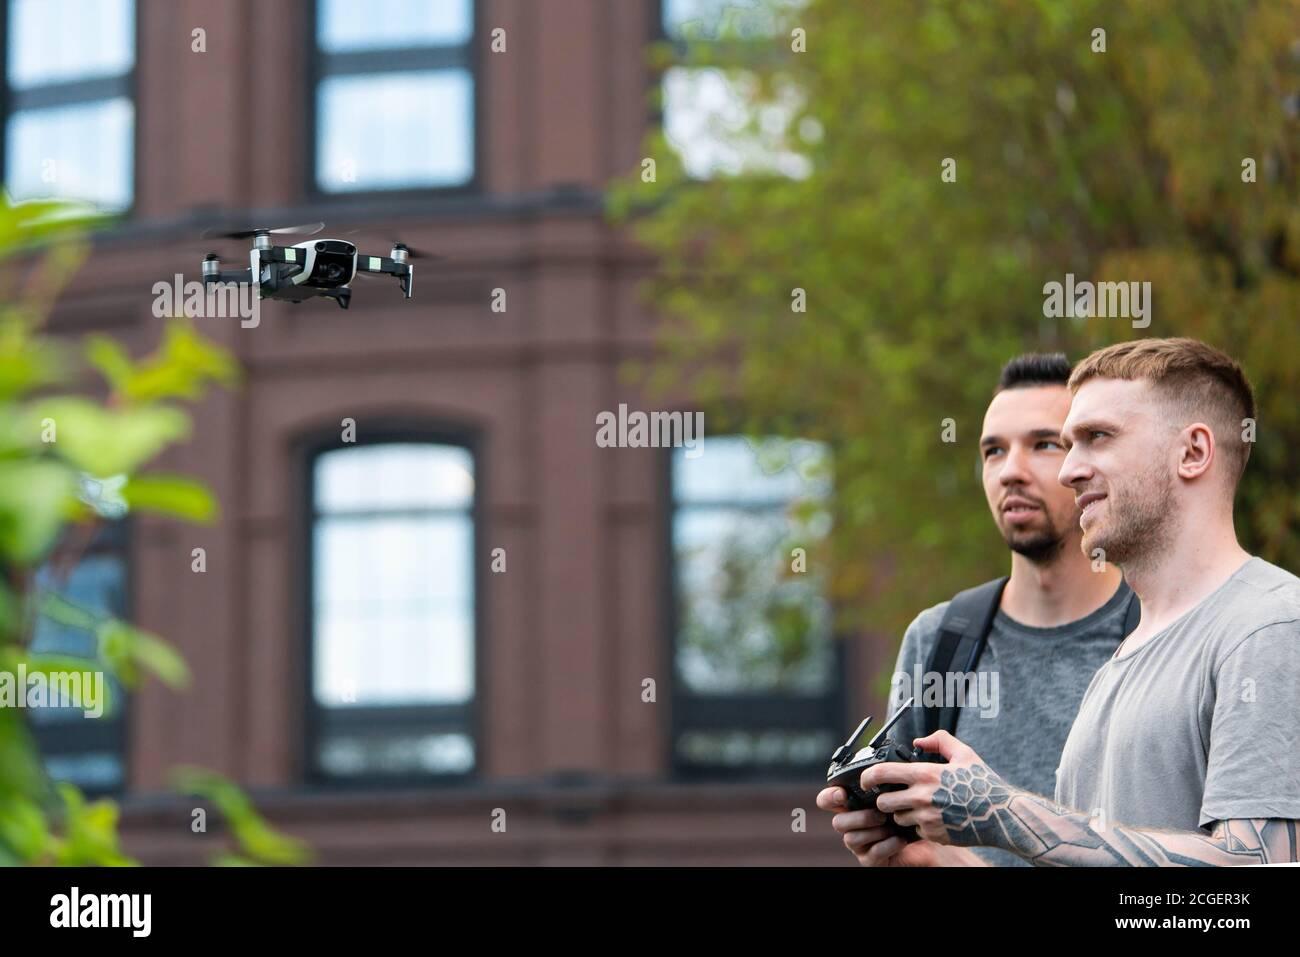 Deux jeunes hommes séduisant lancent Drone Quadcopter à Urban Stlilysh Contemporary Cityscape. Appareil moderne Banque D'Images